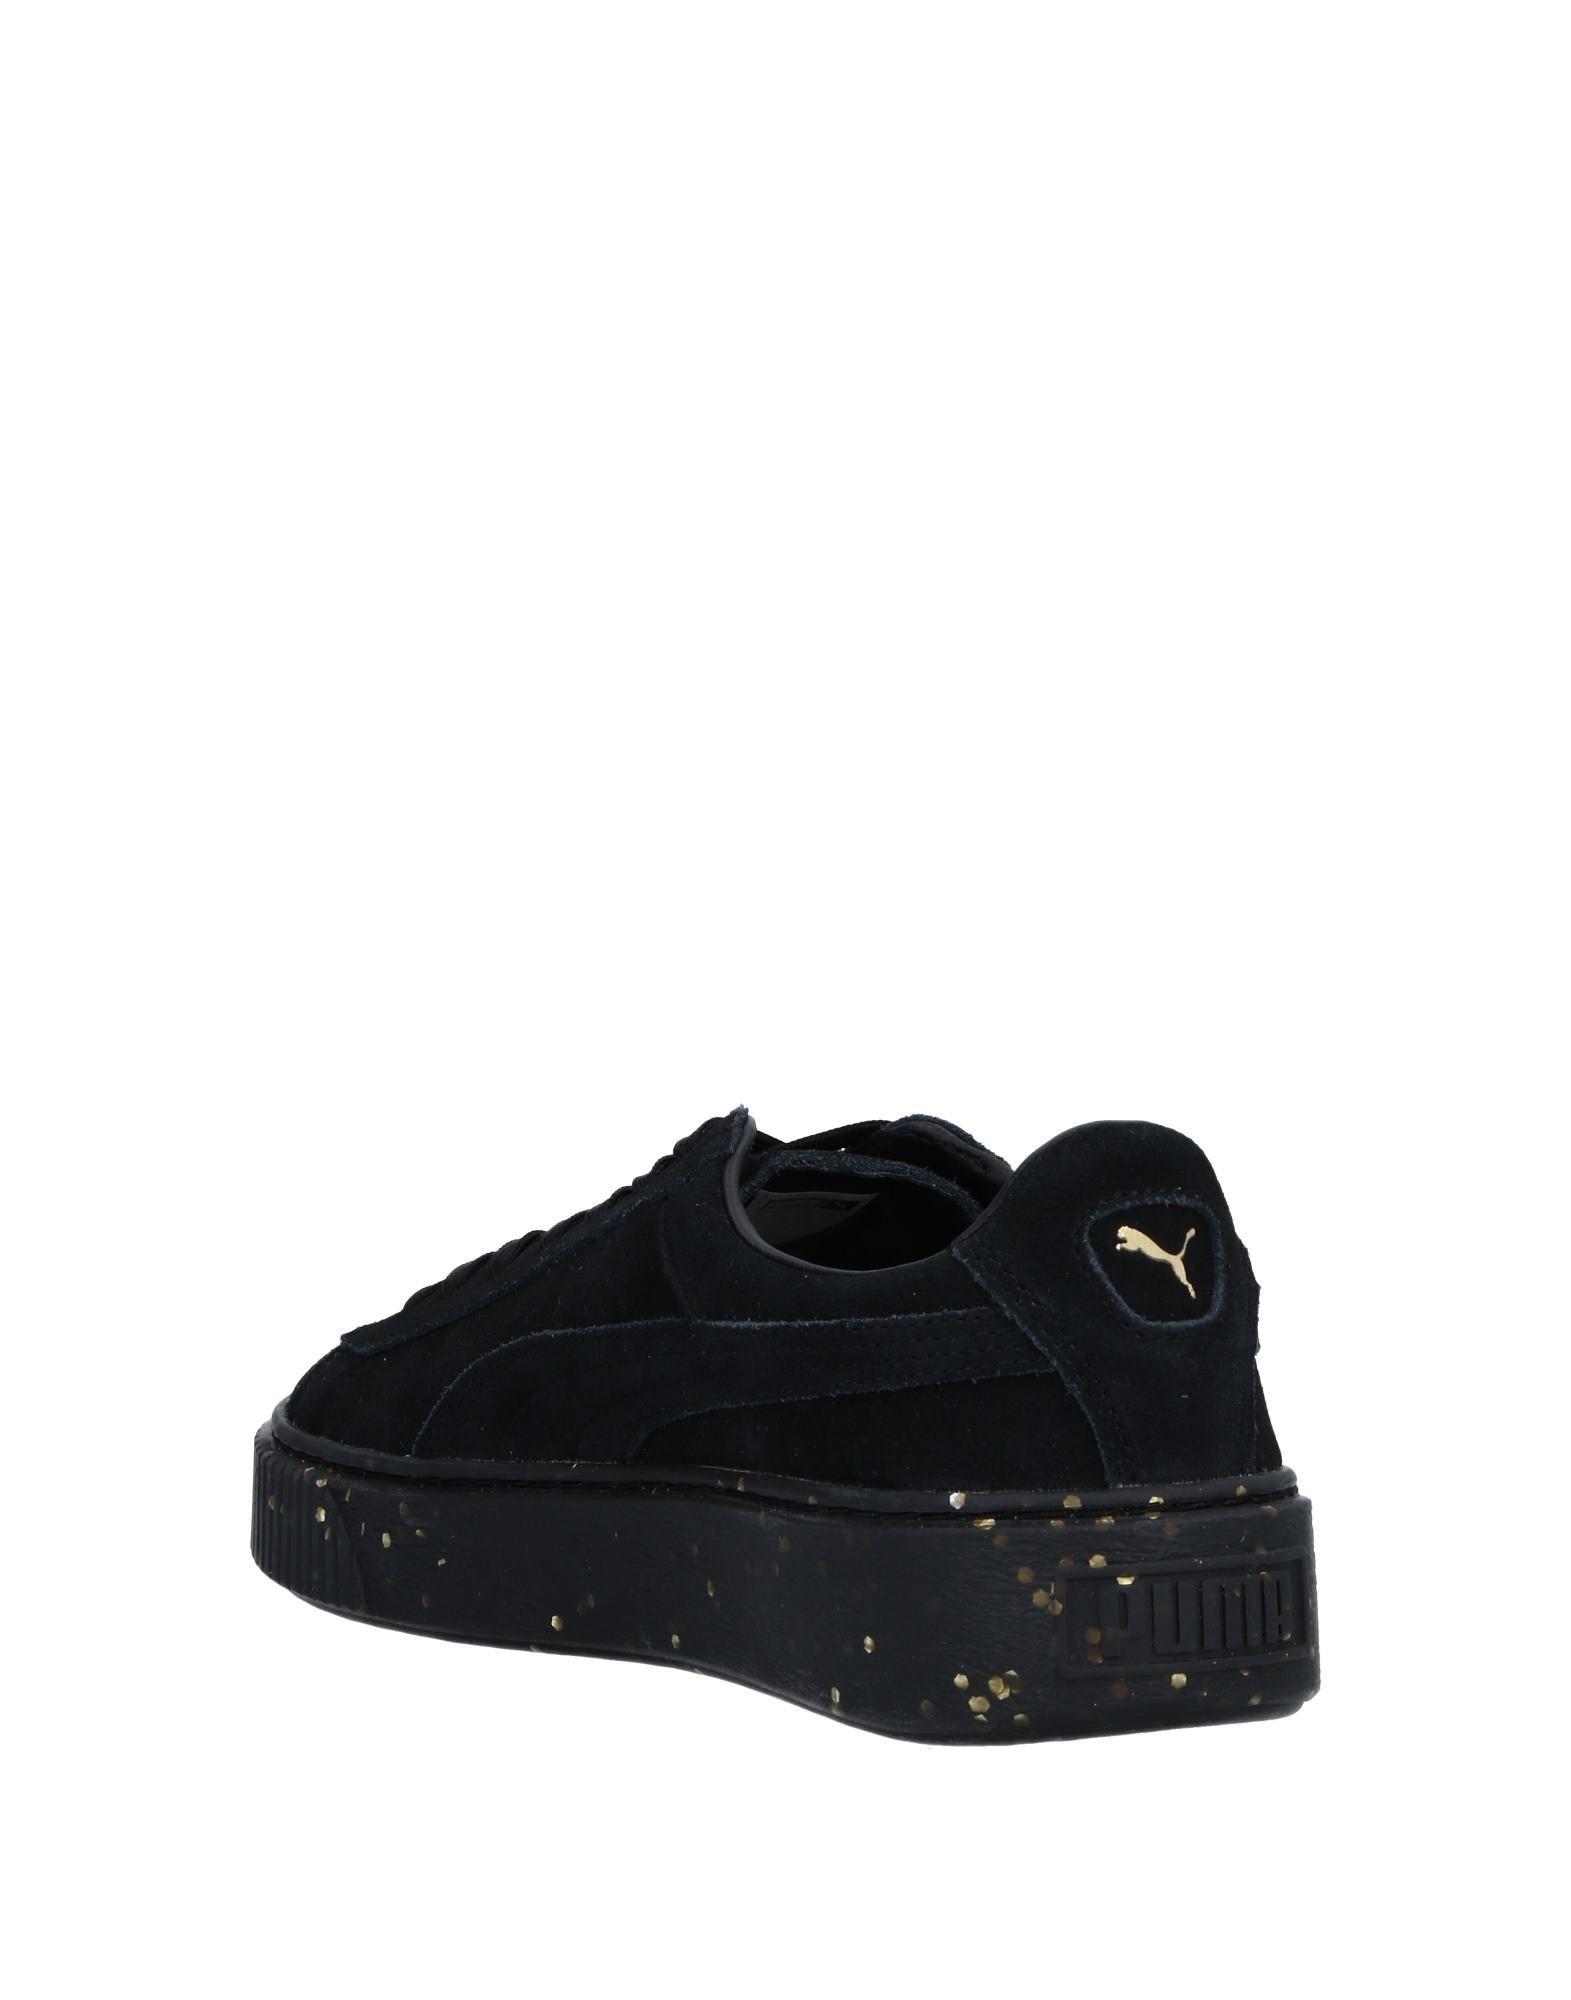 Puma Sneakers Damen beliebte  11537590MB Gute Qualität beliebte Damen Schuhe fb81d4